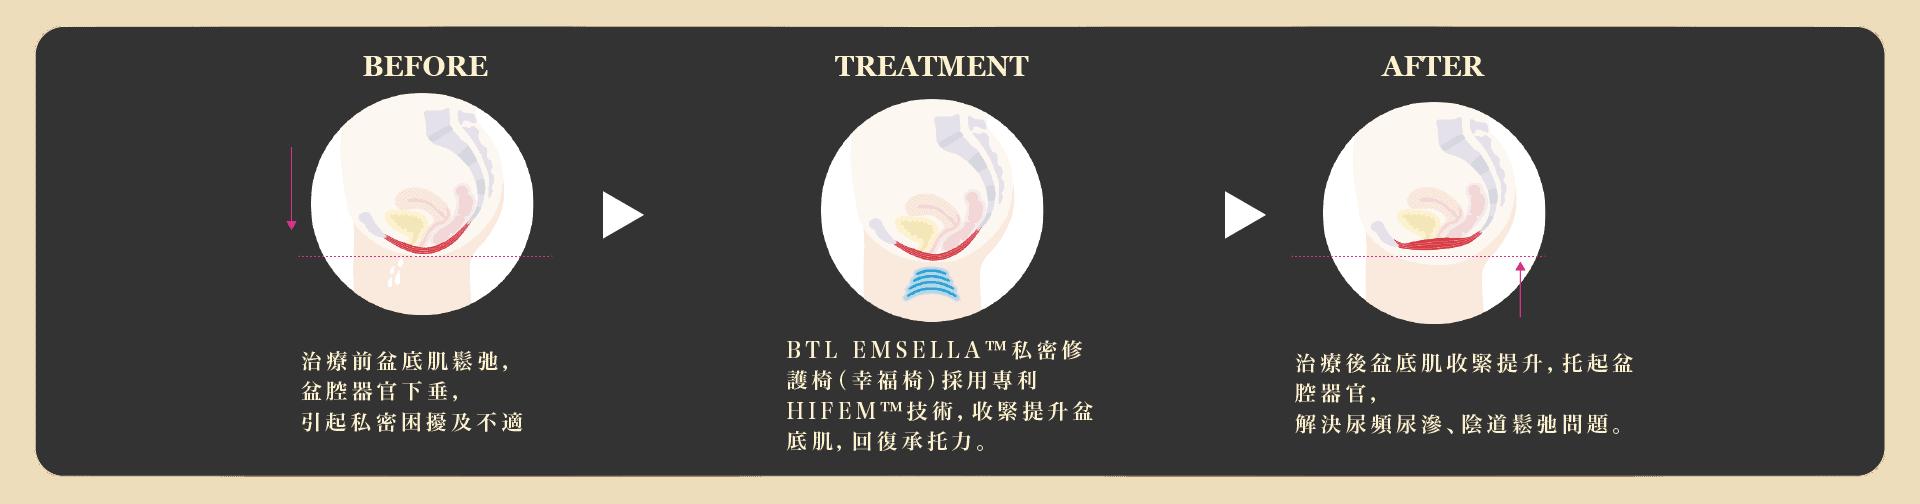 紮肚及產後修復療程優惠 鬆弛素 工作區域 1 複本 19